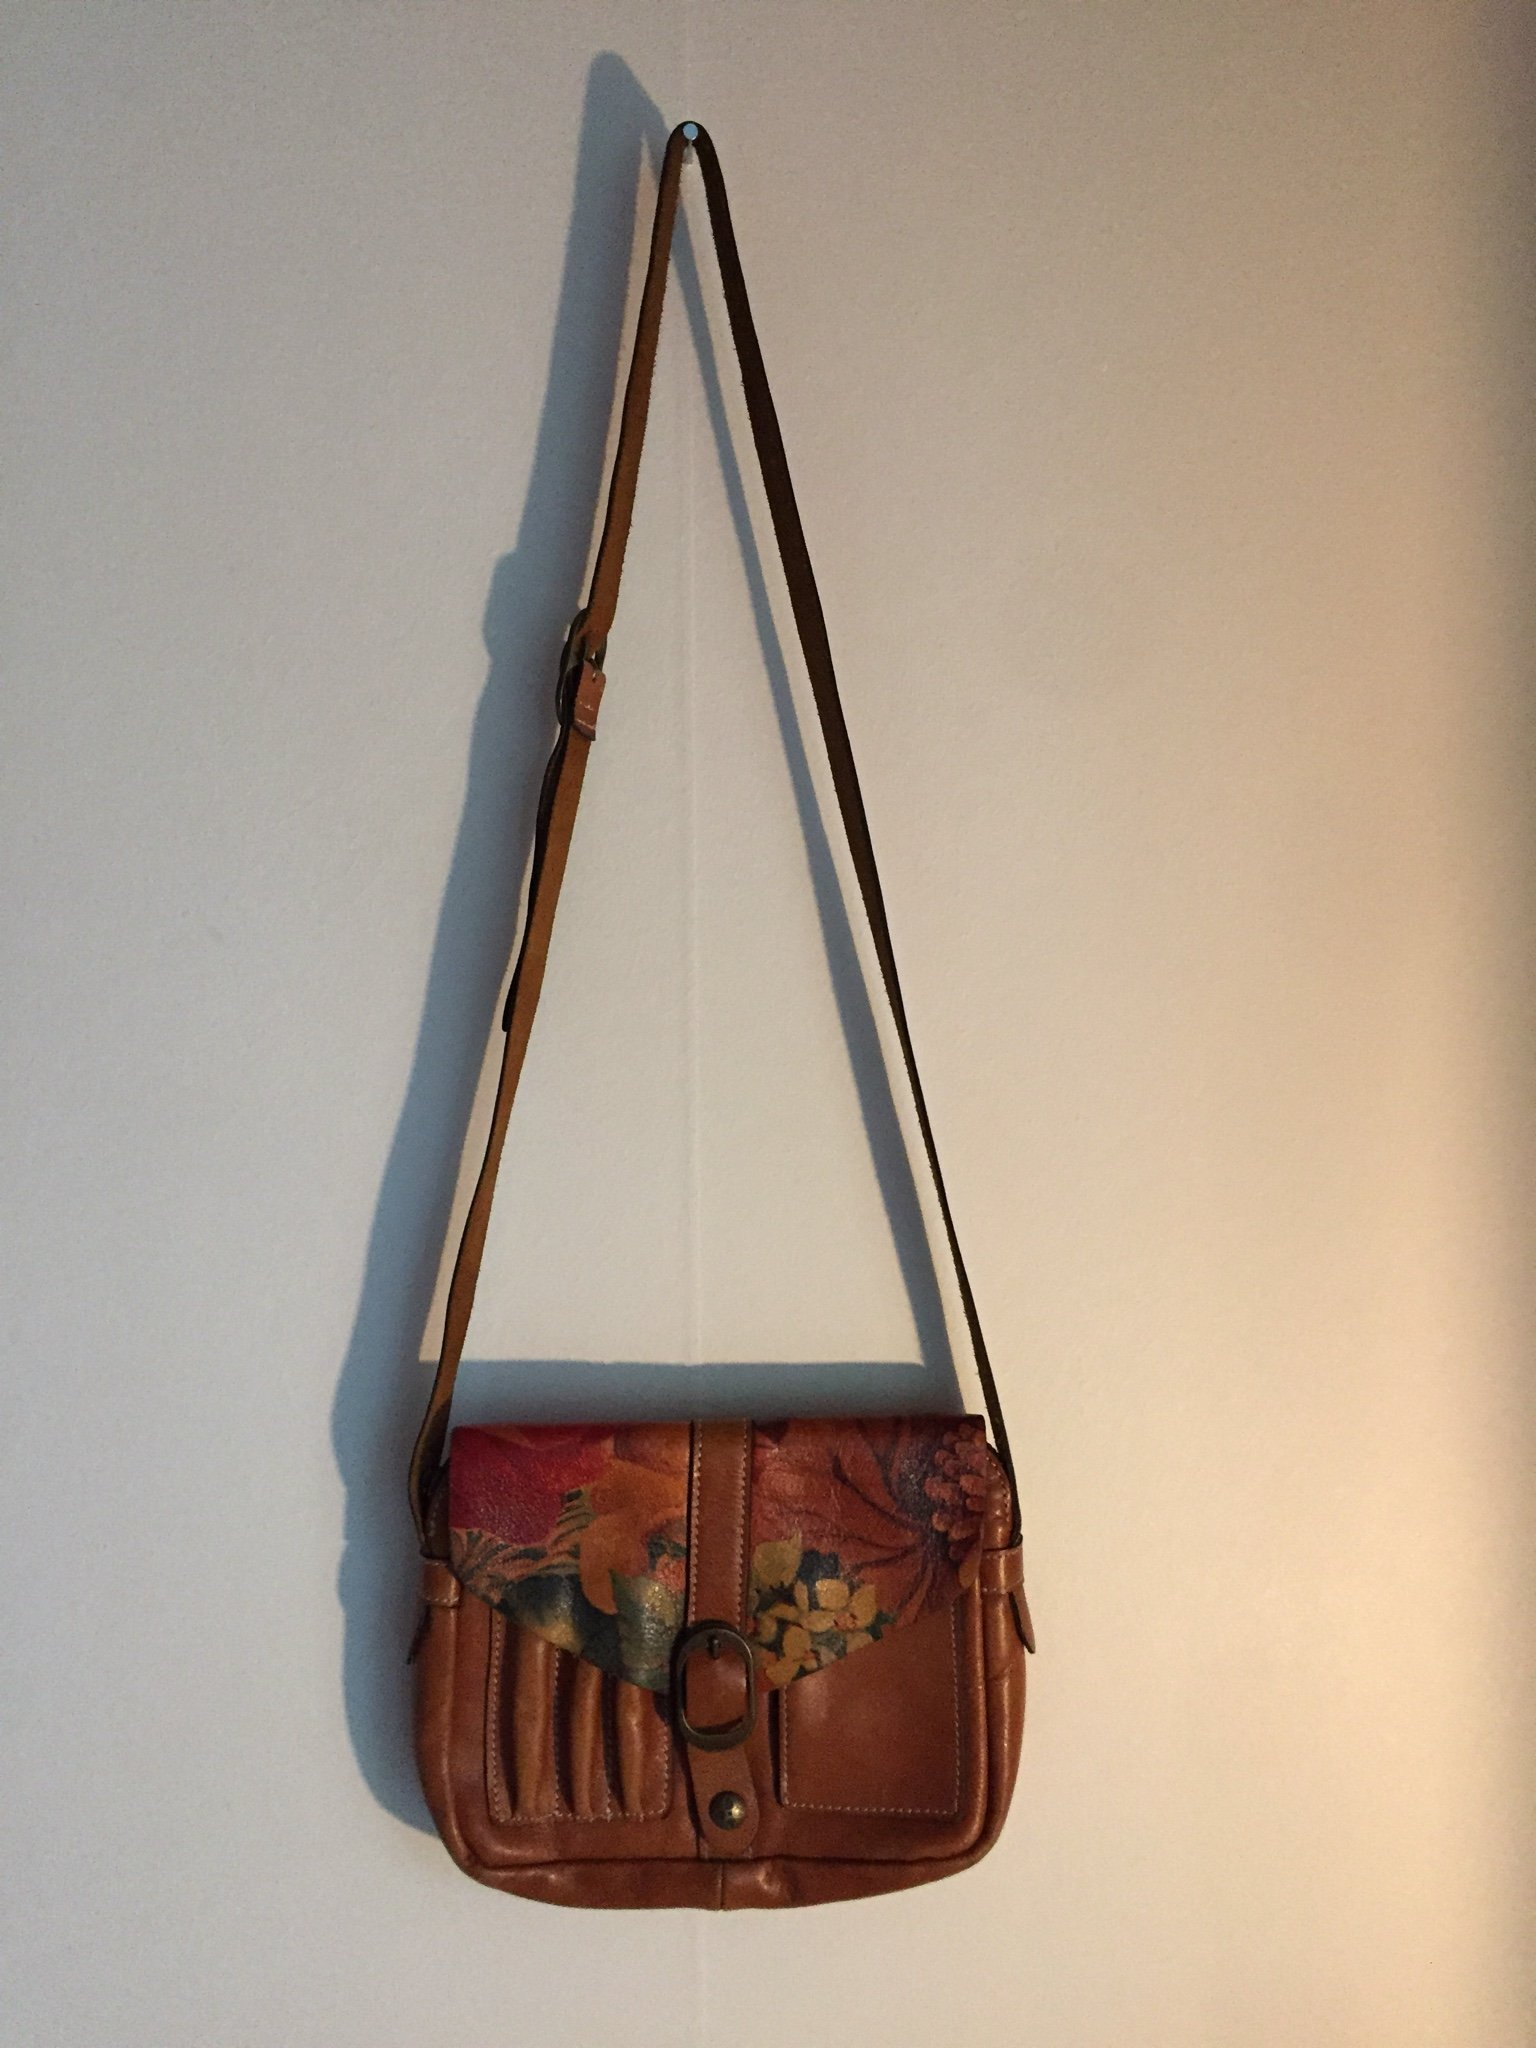 Söt Vintage väska med blommor. (358653137) ᐈ Köp på Tradera